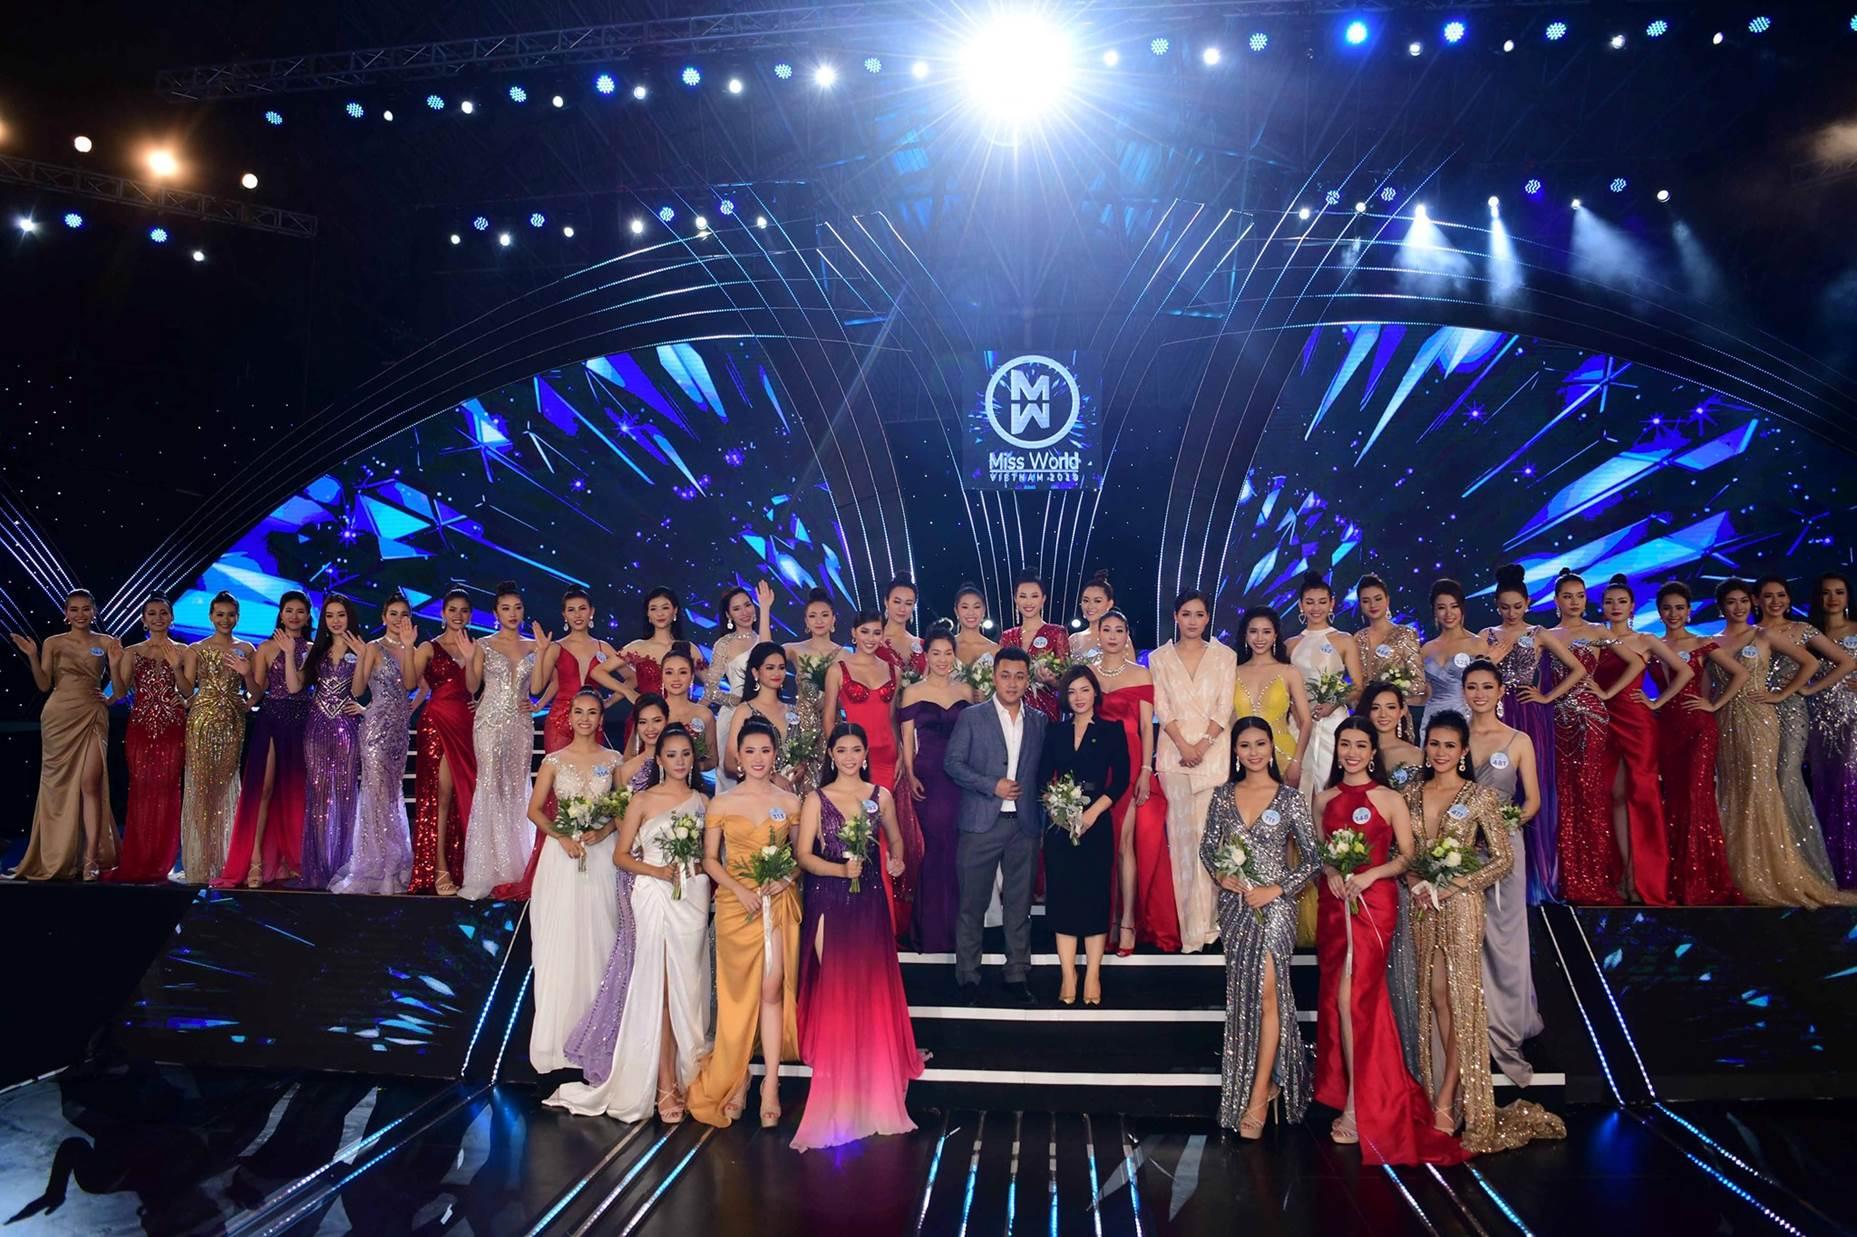 Các thí sinh tham dự đêm chung kết